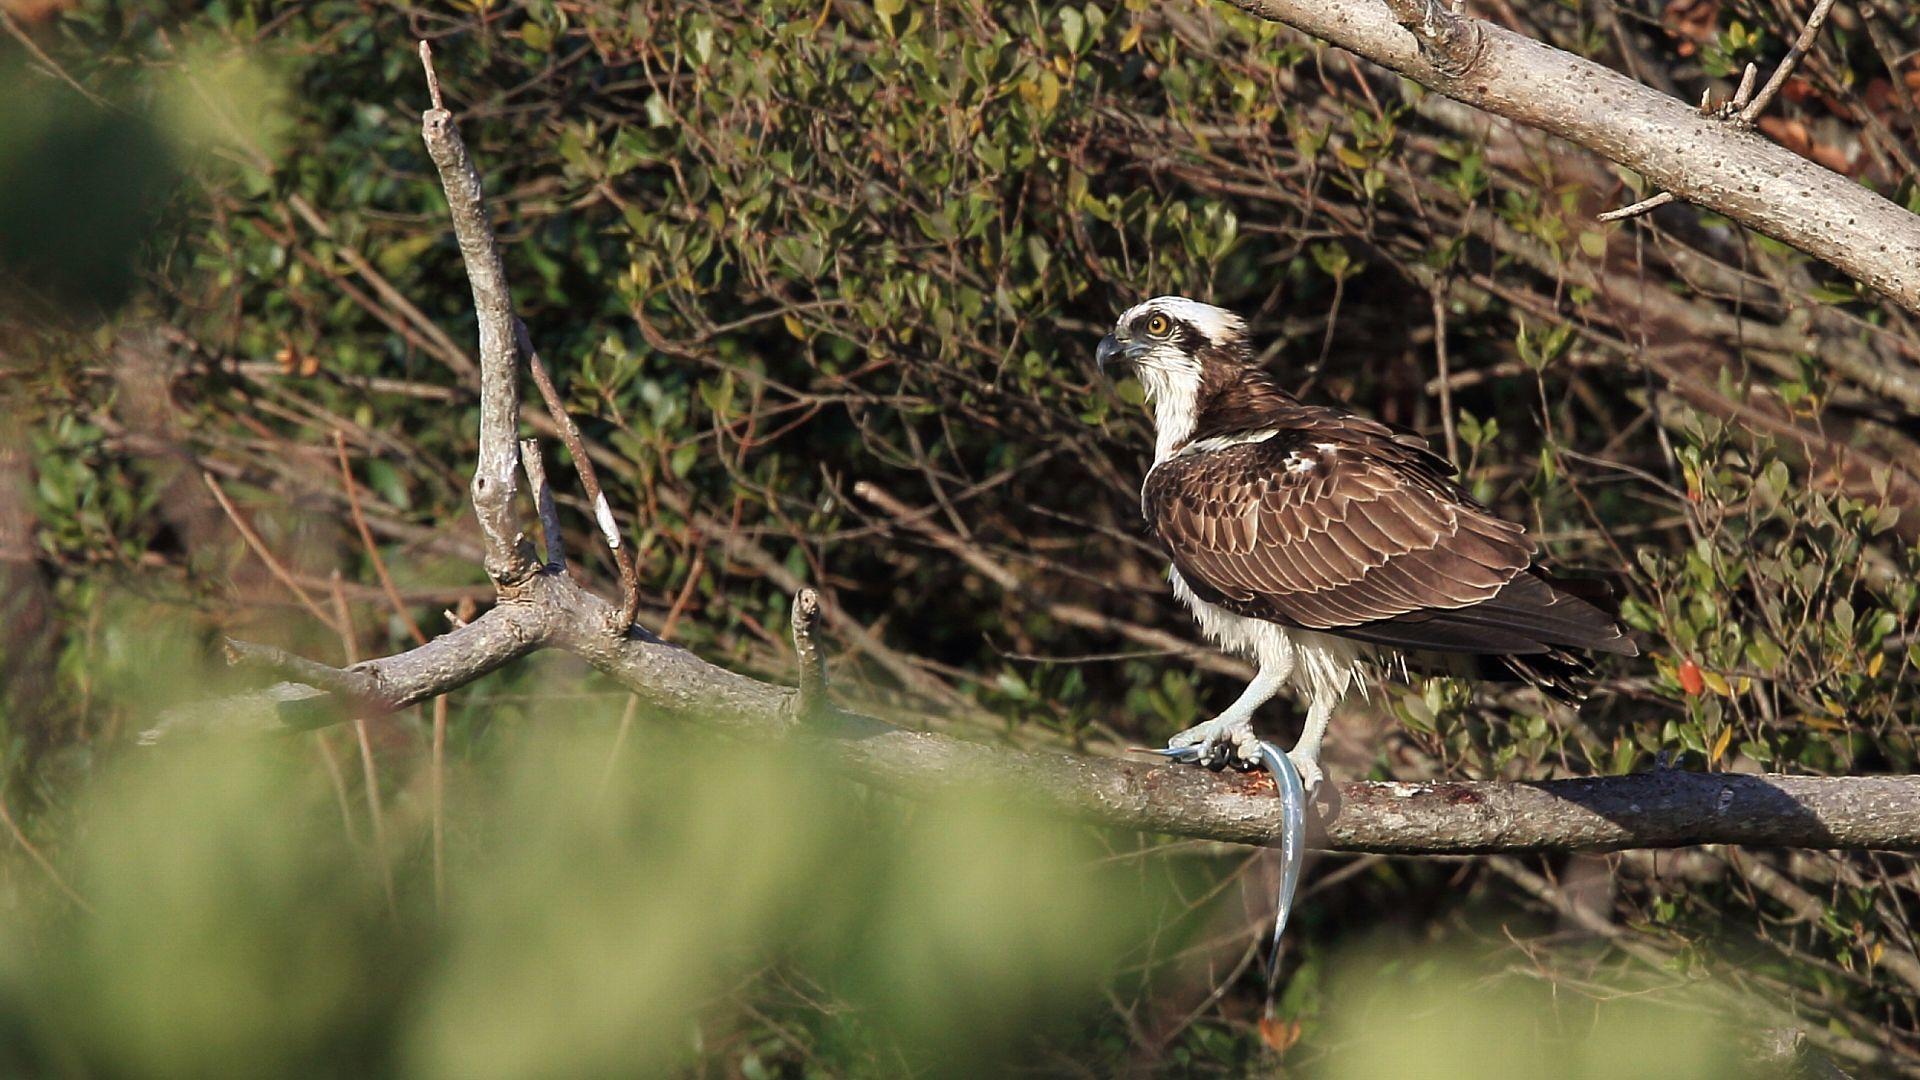 朝の散歩で流木に止まったミサゴに遭遇!_f0105570_20311224.jpg